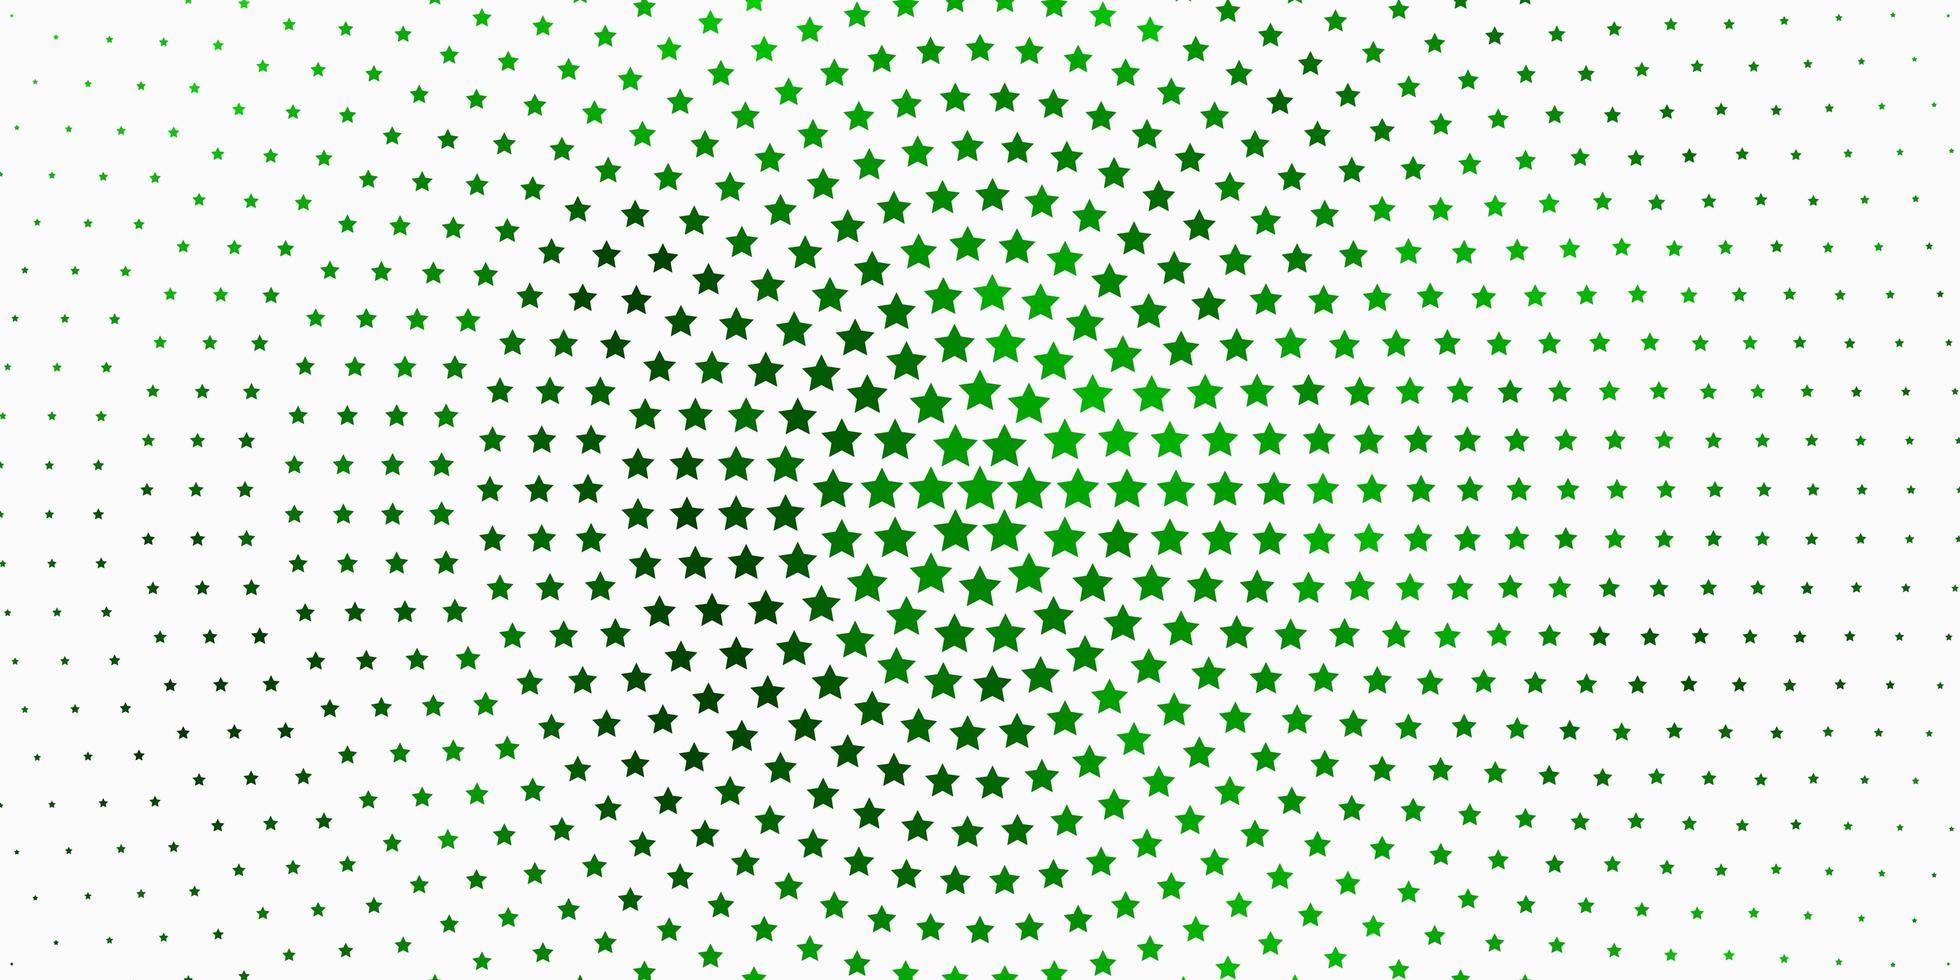 fond vert clair avec des étoiles colorées. vecteur